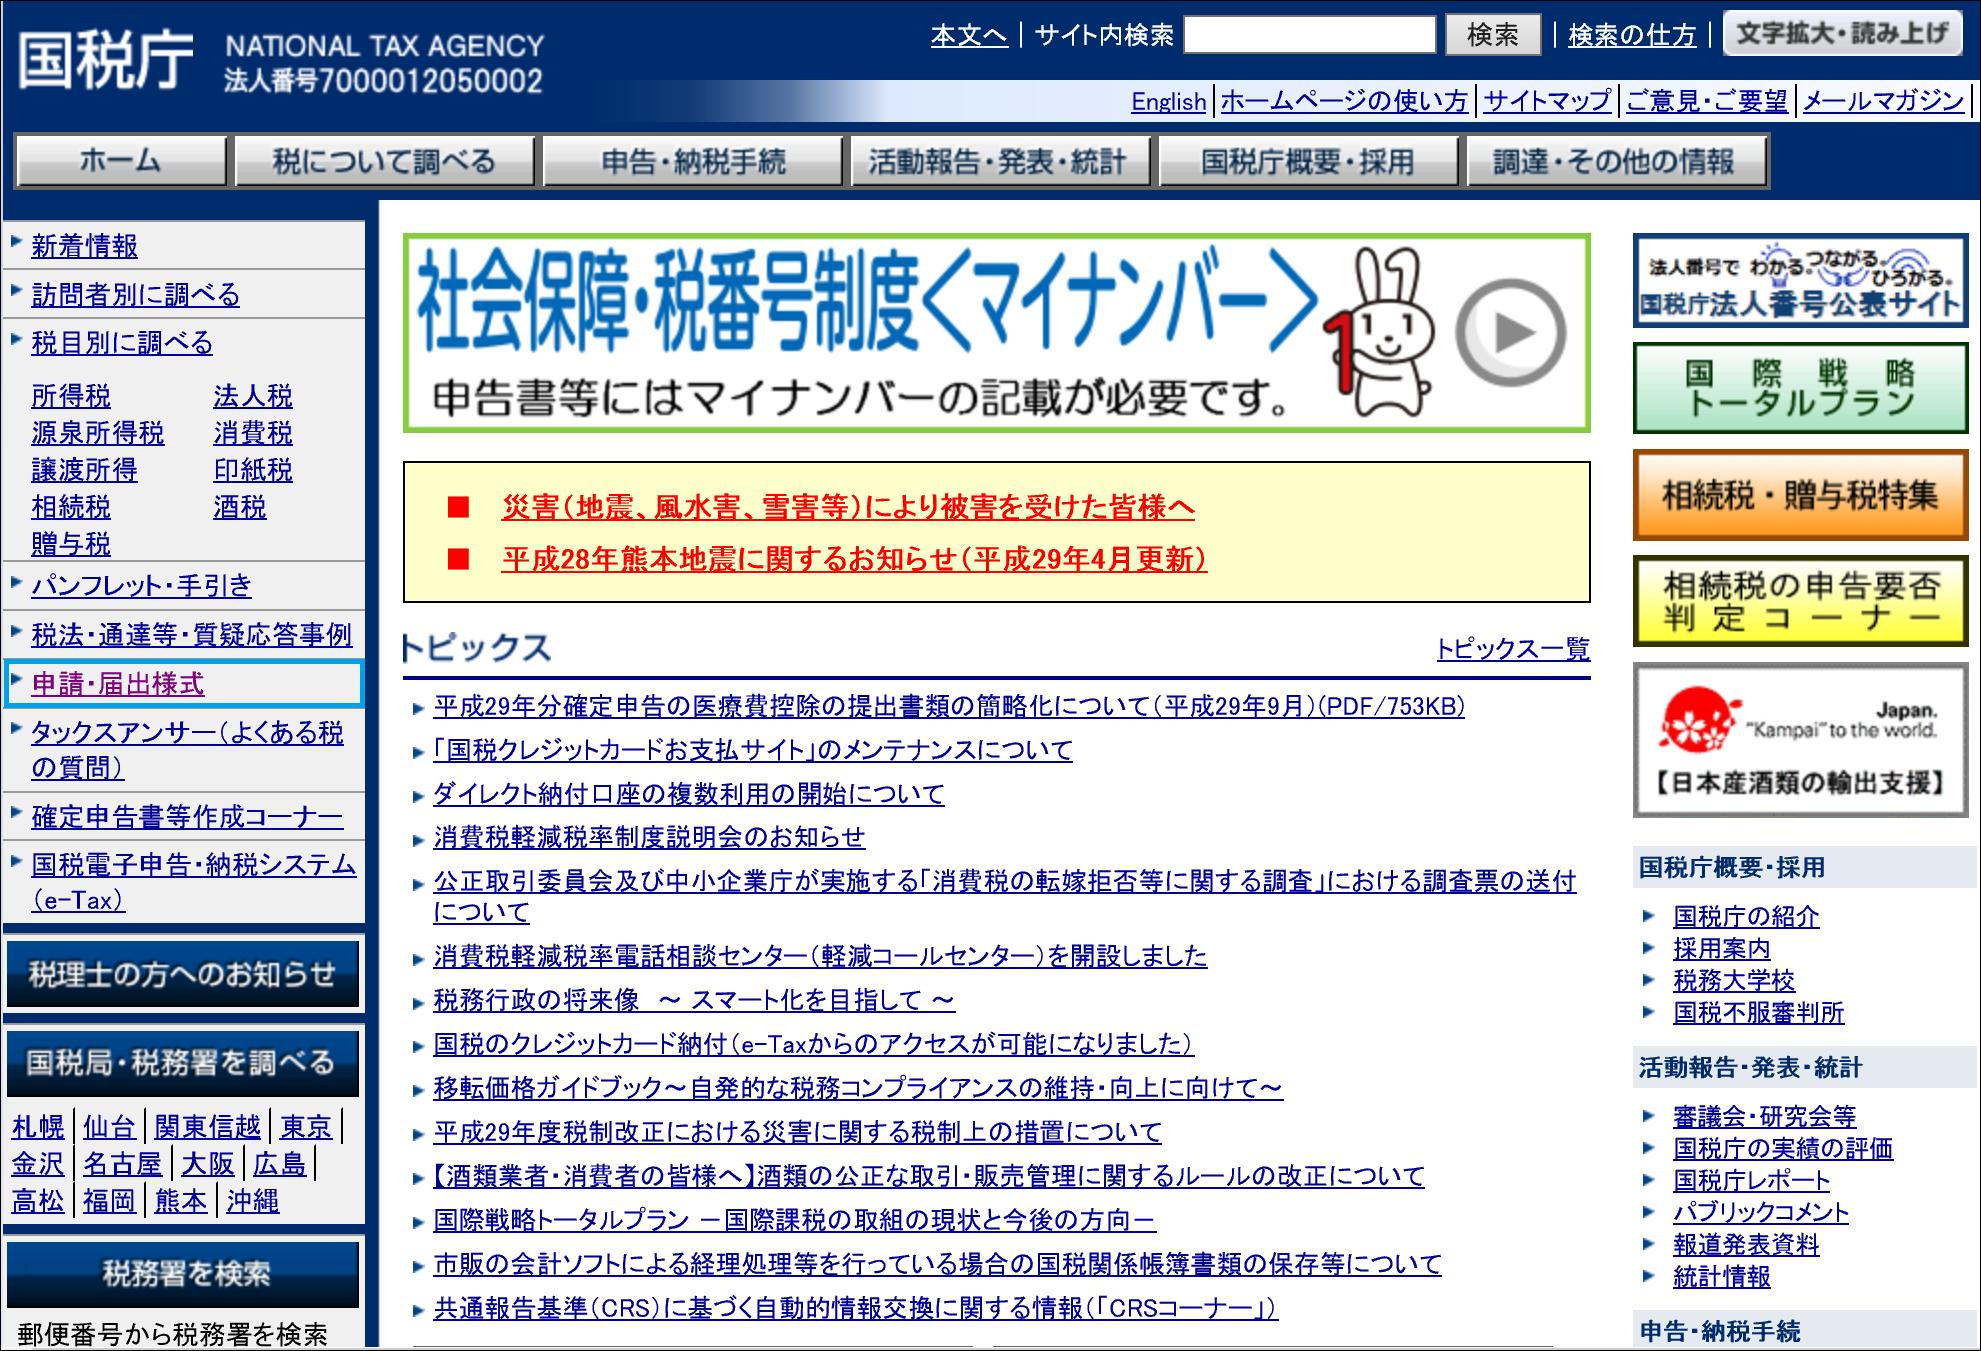 国税庁→申請・届出様式